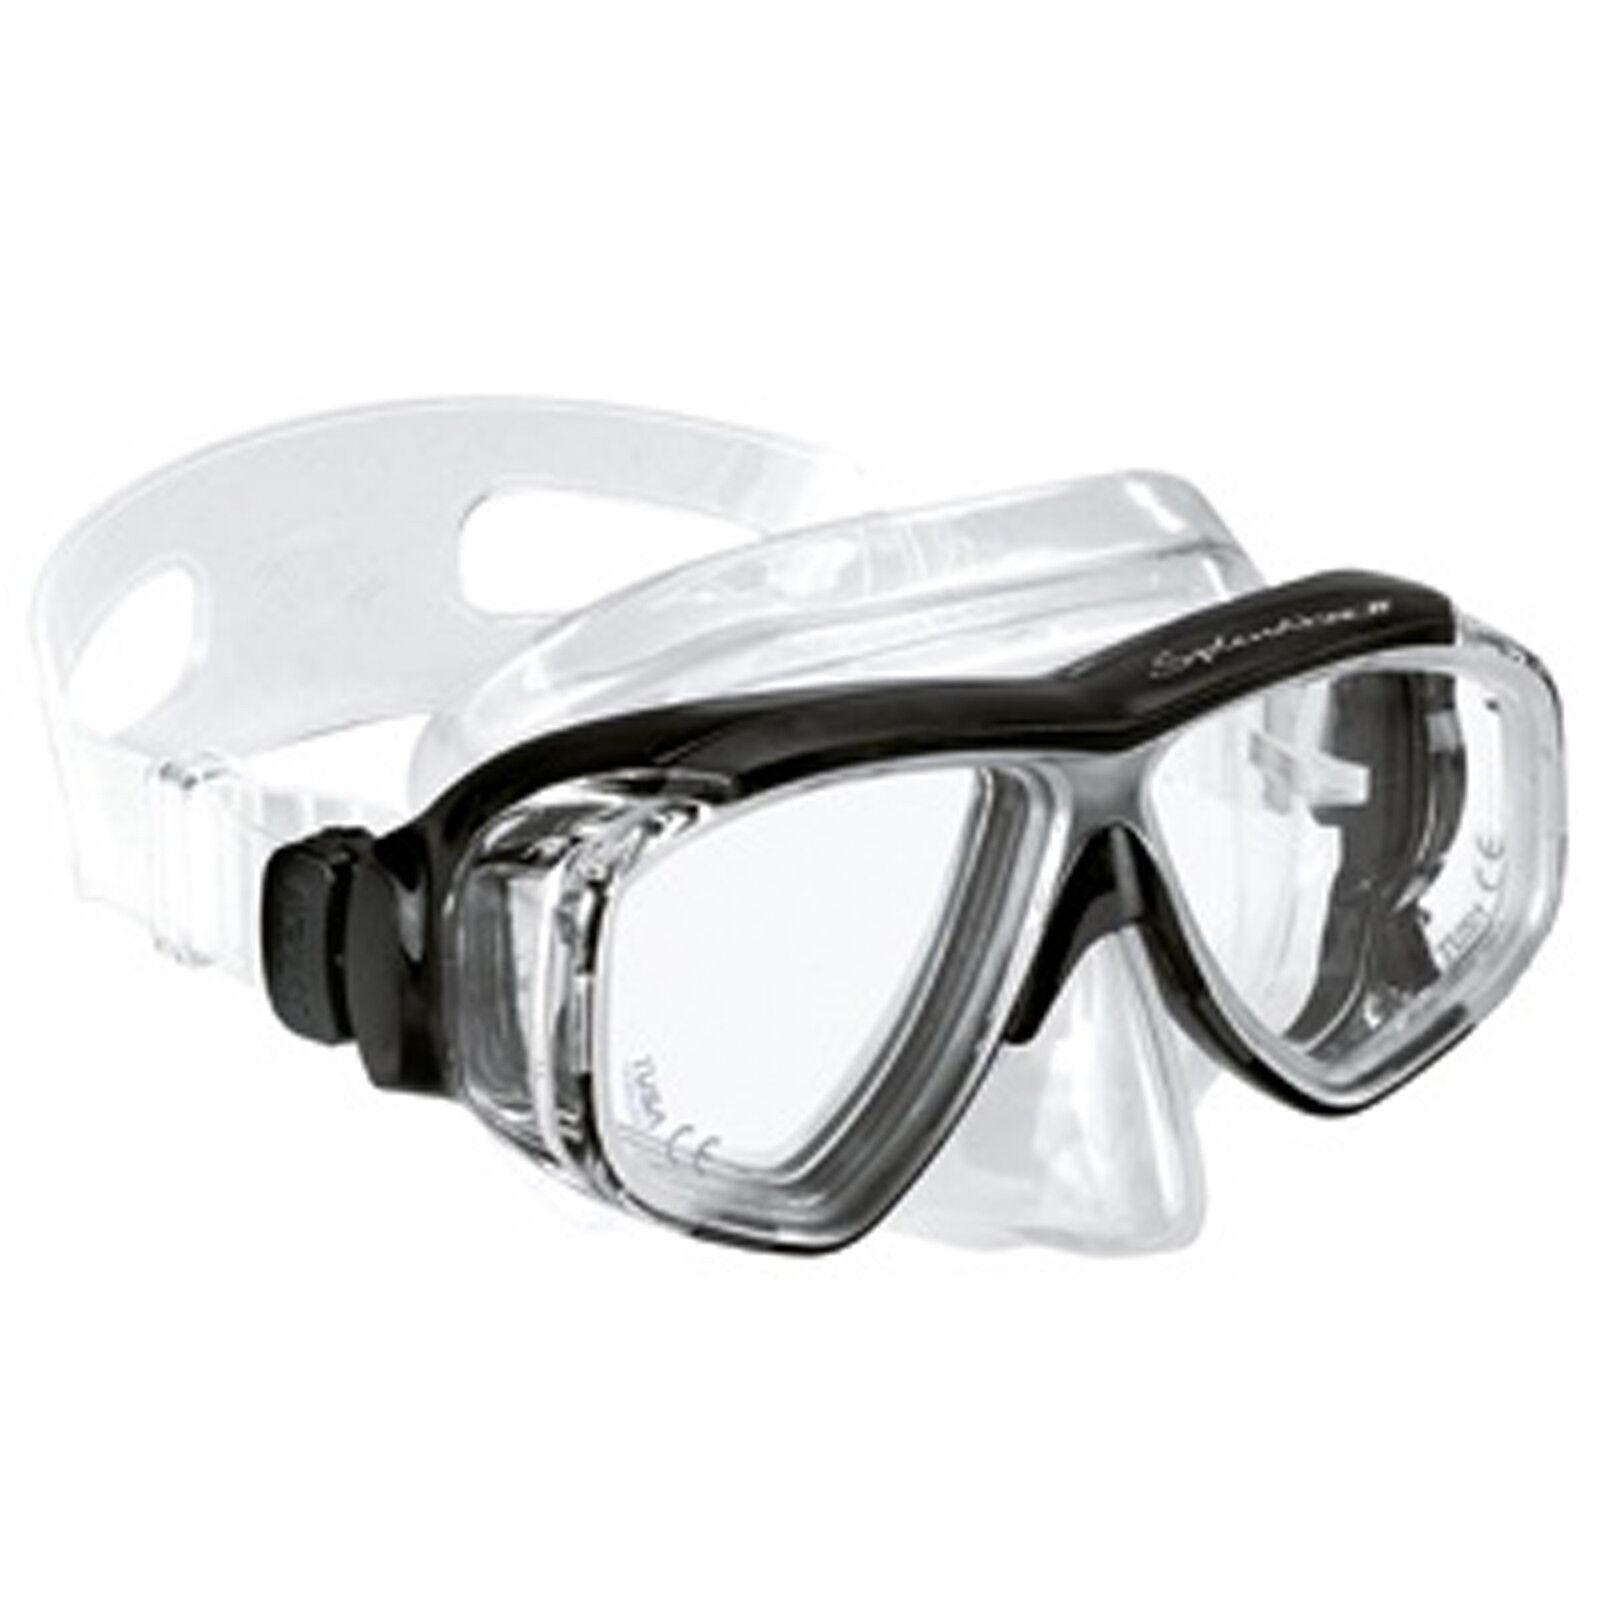 Optische Taucherbrille Sehstärke von + 4,5 bis - 8,0 Erwachsene Erwachsene Erwachsene Tauchmaske Neu 64845f